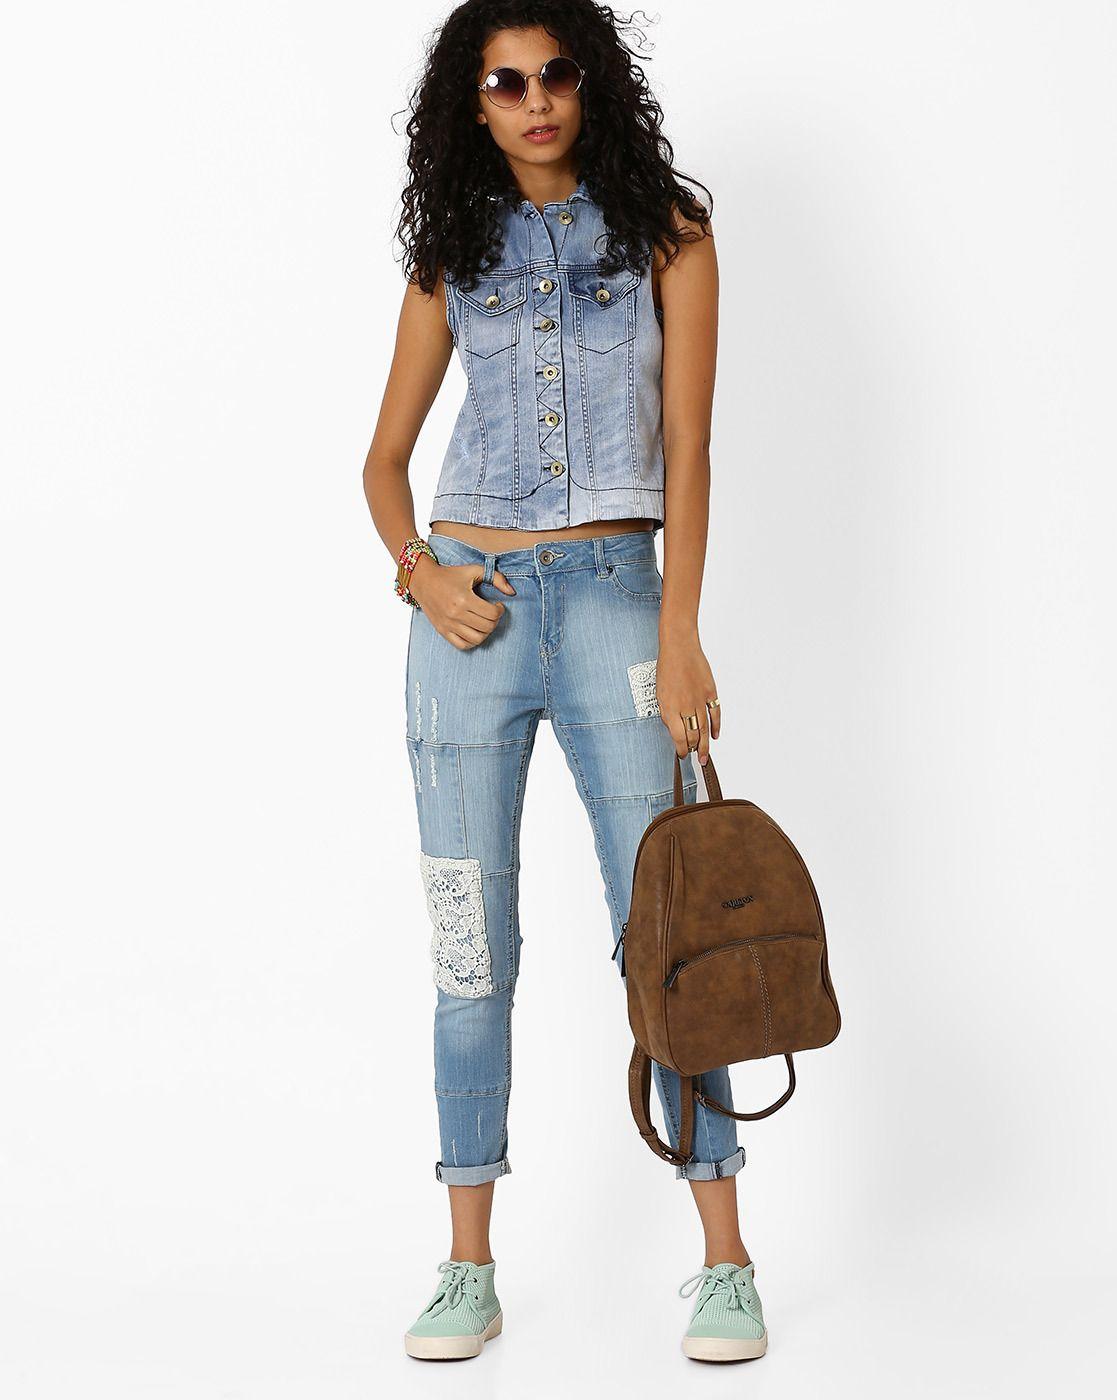 f14c56c55 Buy Light Blue AJIO Sleeveless Denim Jacket   AJIOLife Womenswear ...